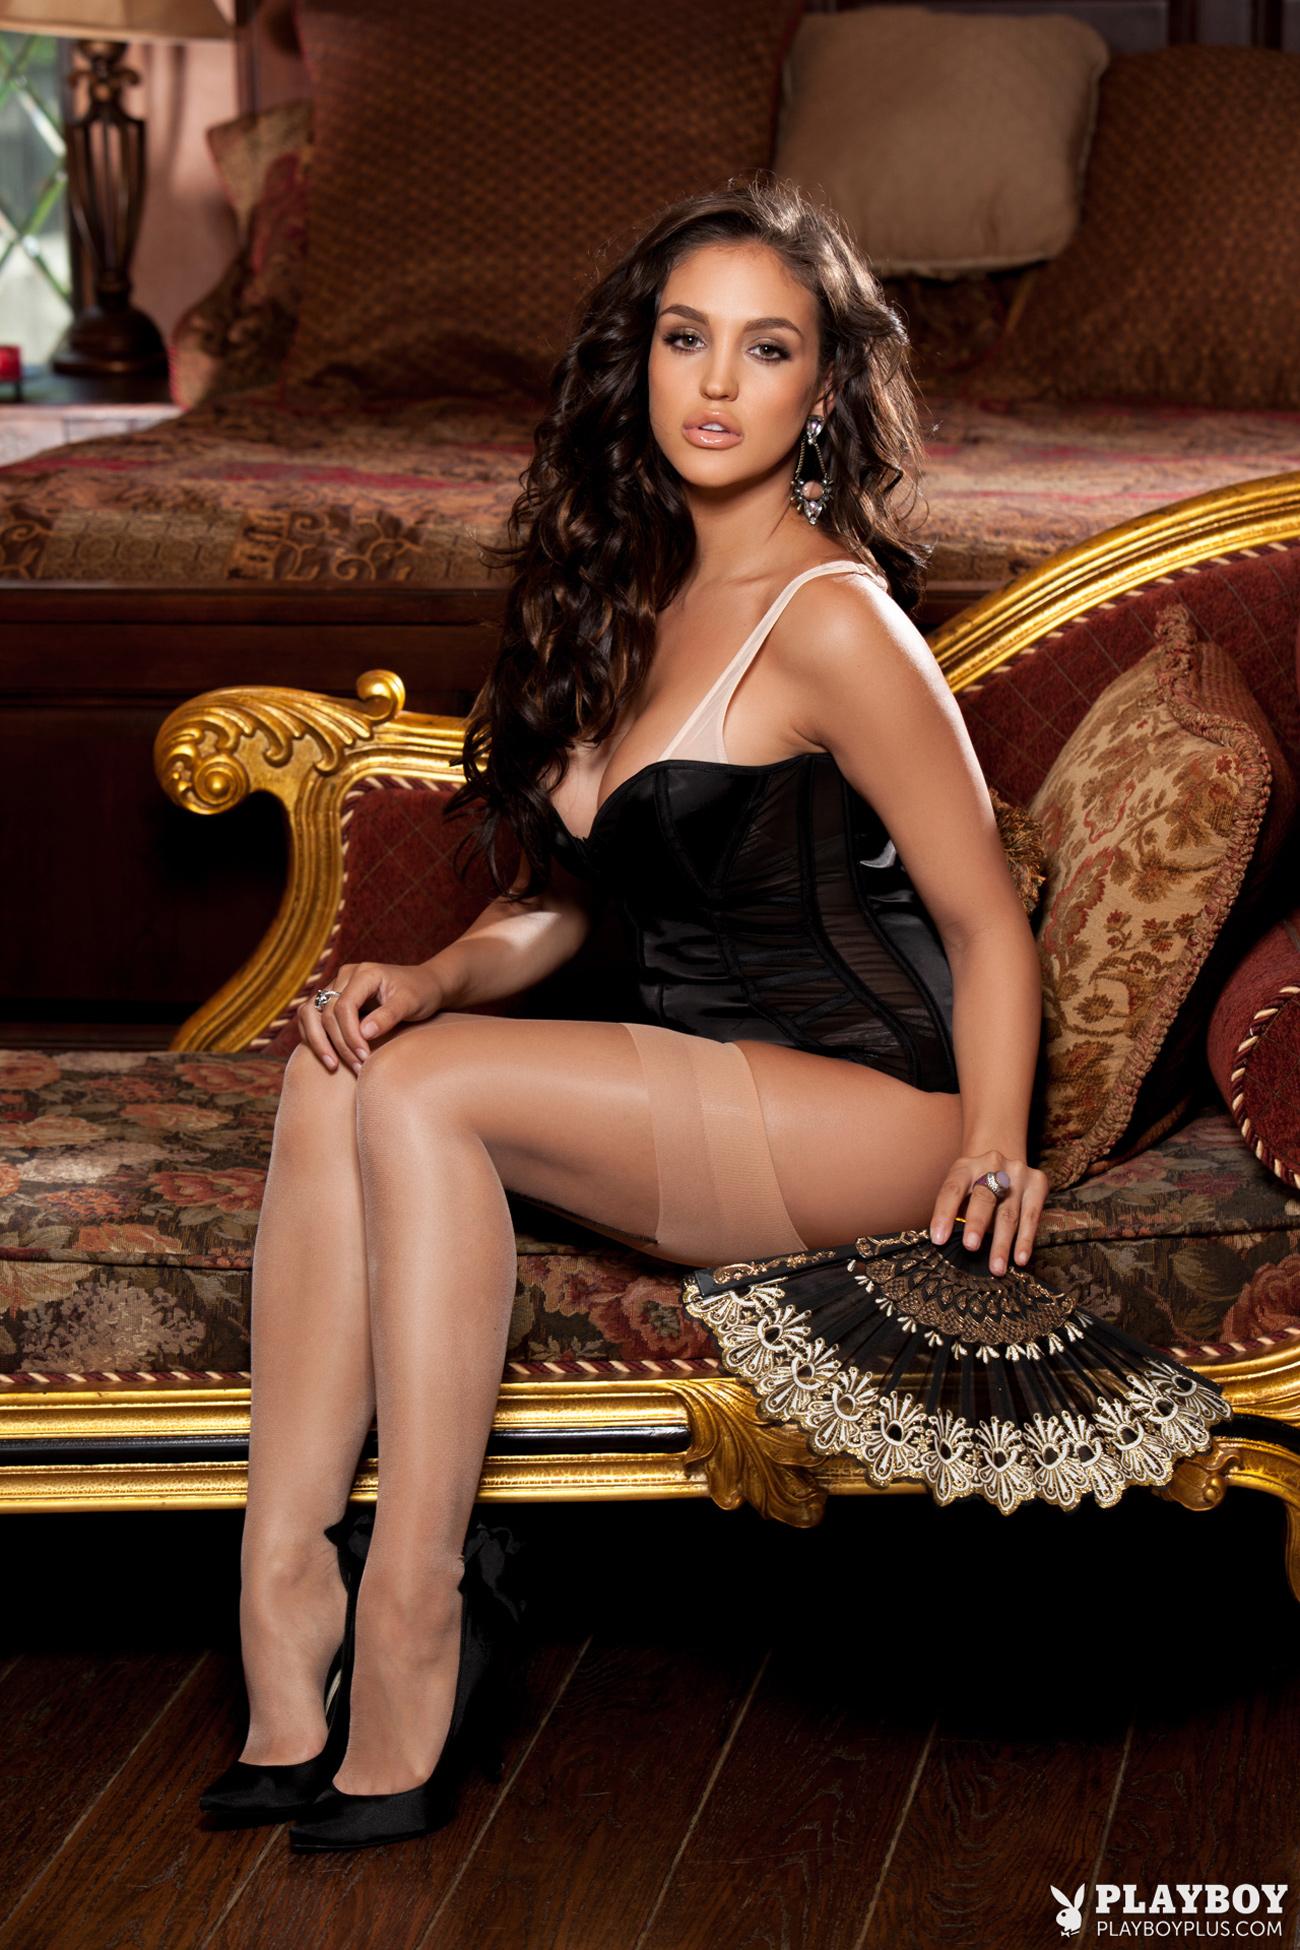 jaclyn-swedberg-corset-stockings-playboy-02